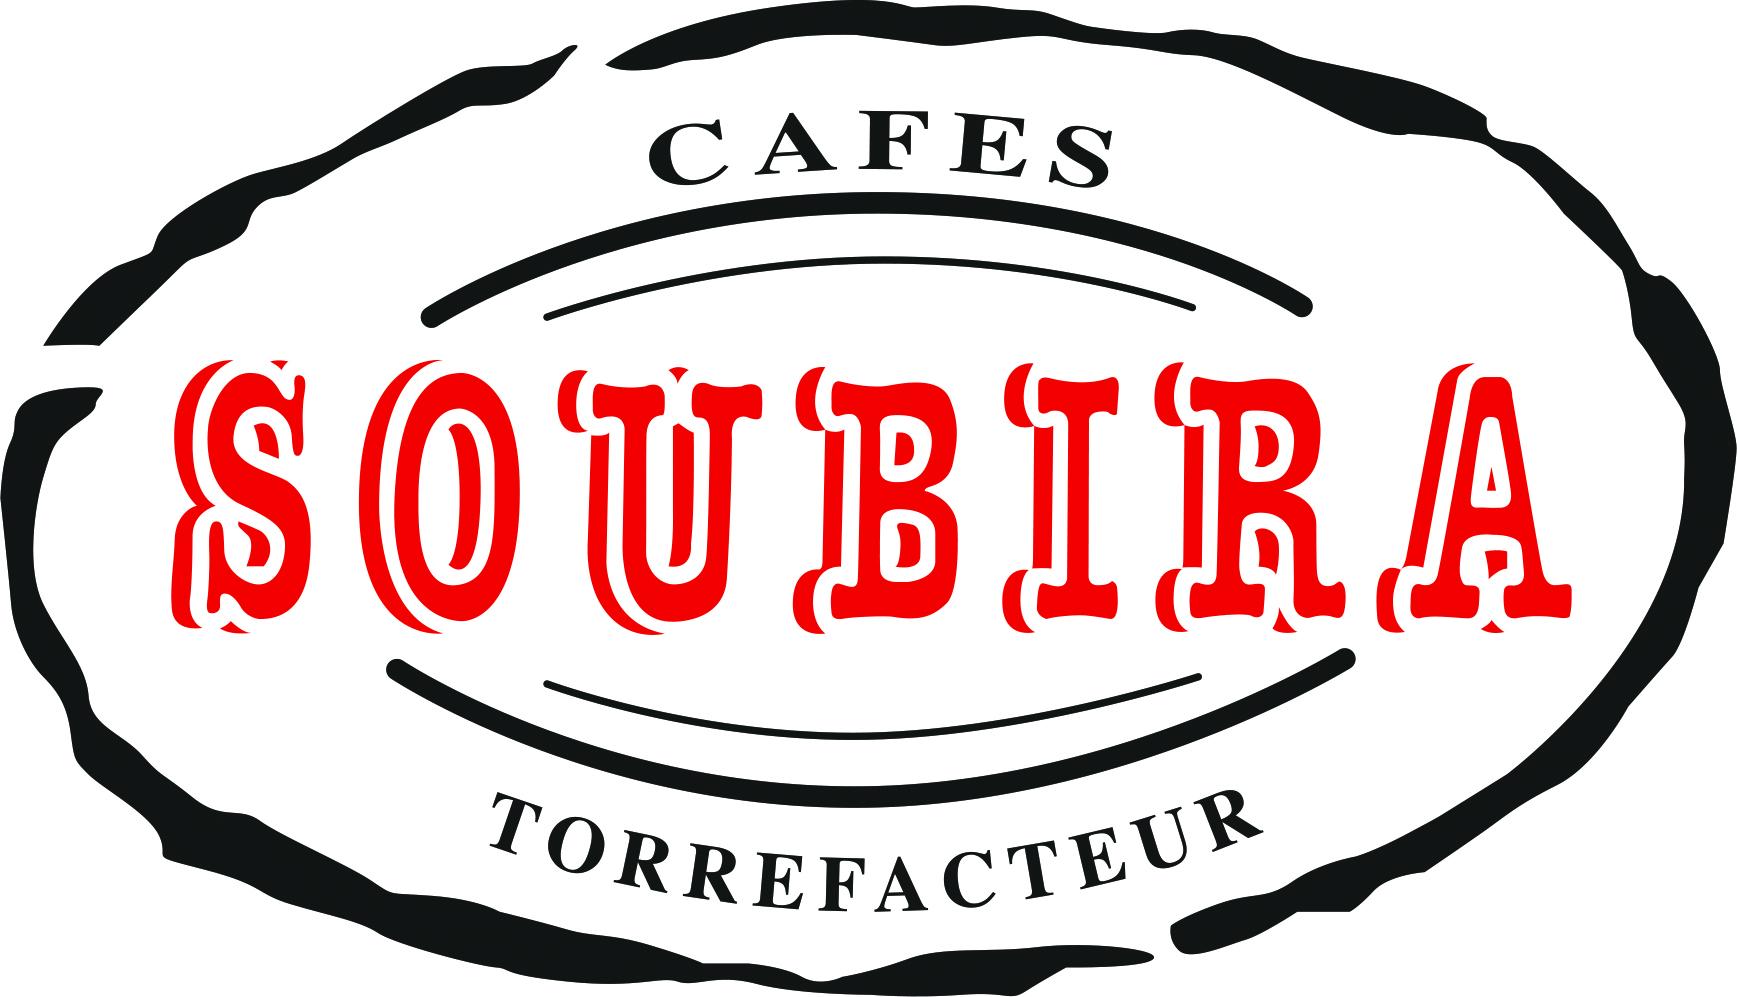 Soubira Logo